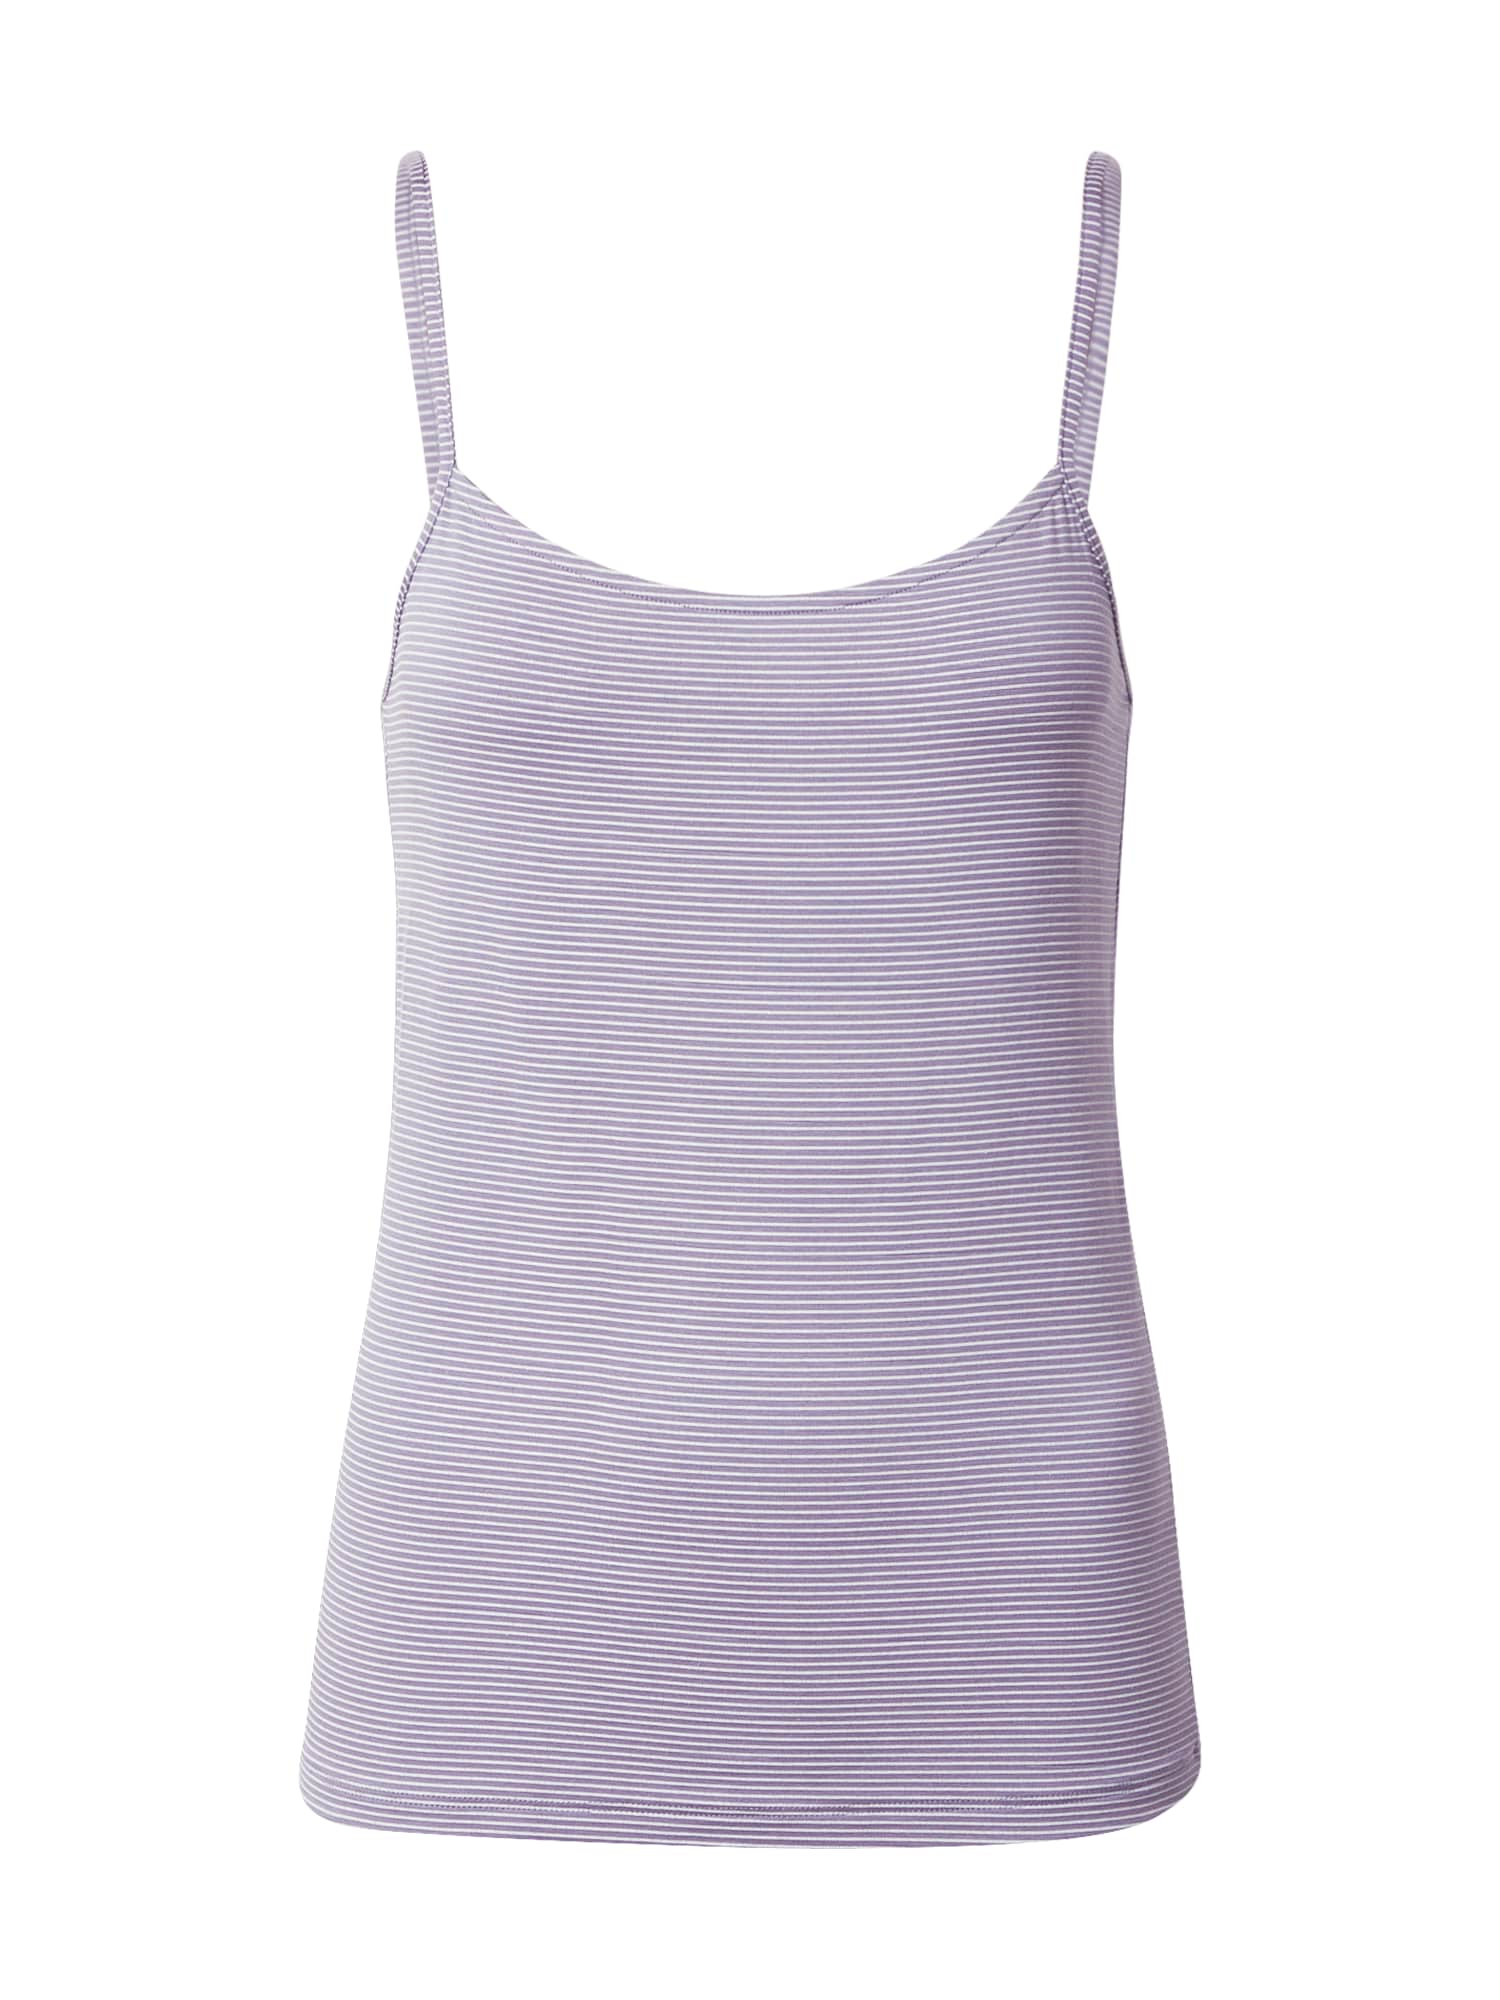 Mey Apatiniai marškinėliai violetinė-mėlyna